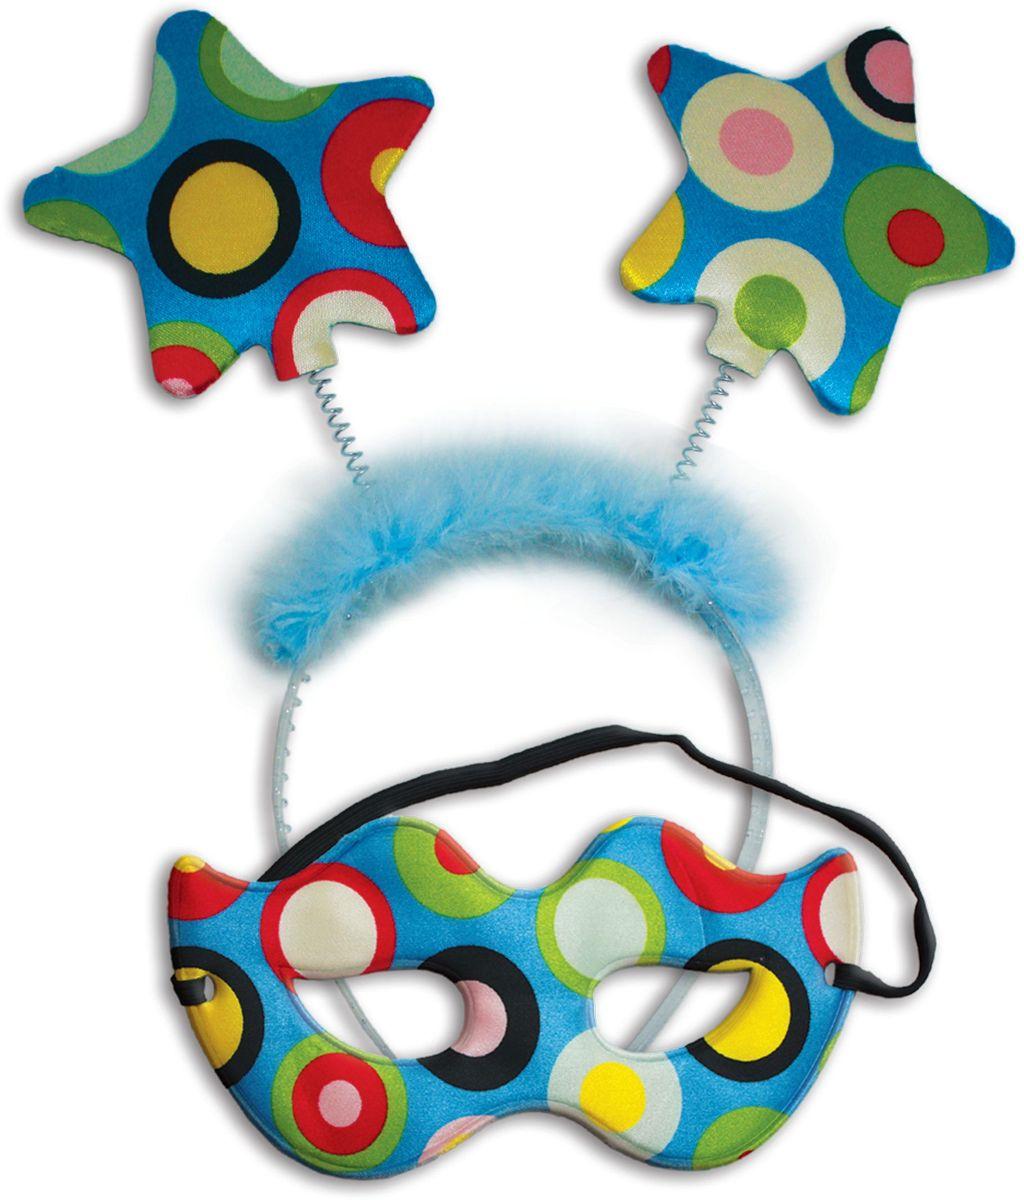 Фото Partymania Карнавальный набор Маска и ободок со звездочками цвет разноцветный. Купить  в РФ